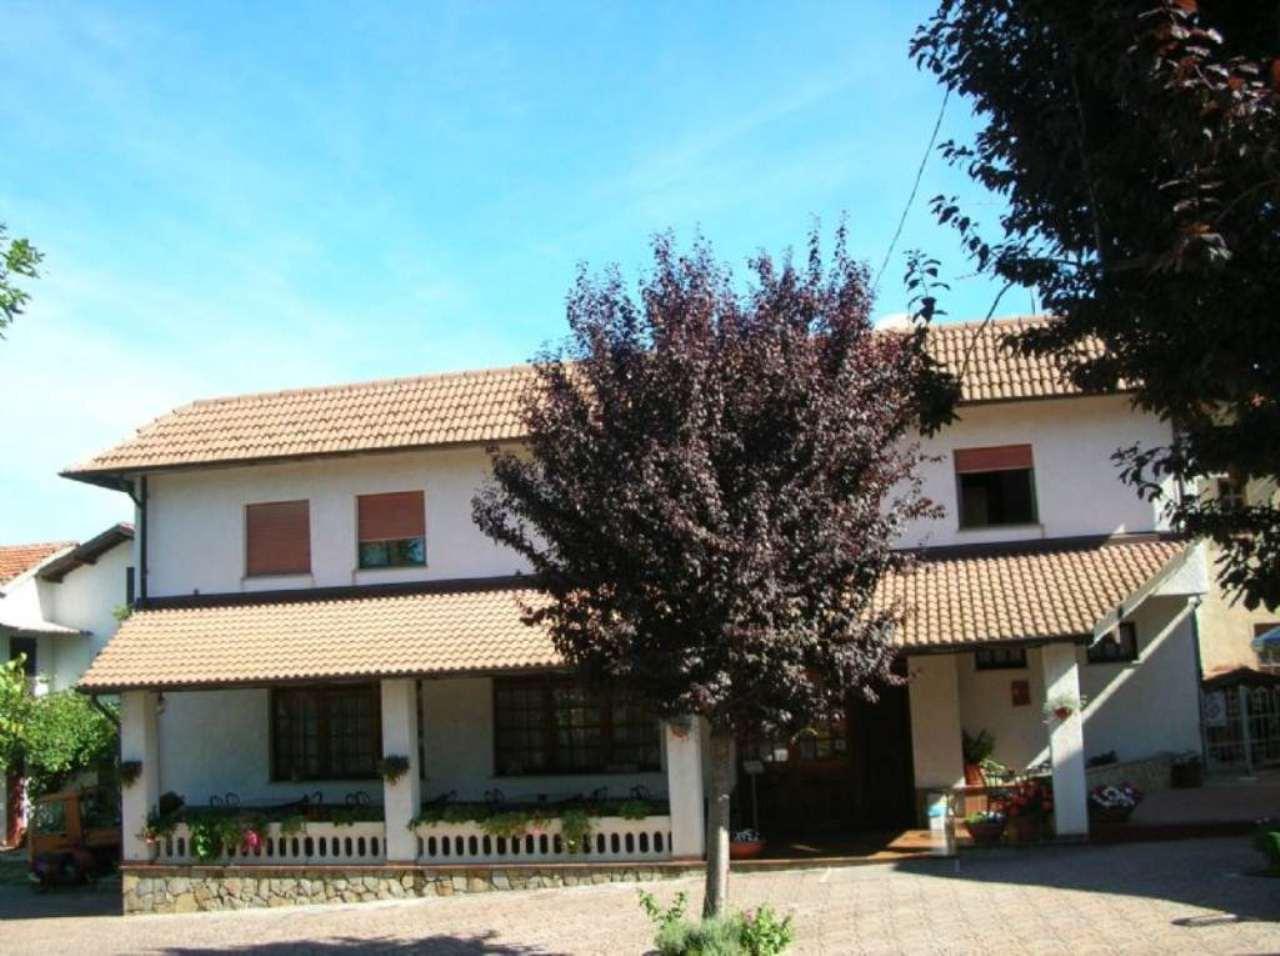 Immobile Commerciale in vendita a Cantalupo Ligure, 6 locali, prezzo € 330.000 | CambioCasa.it